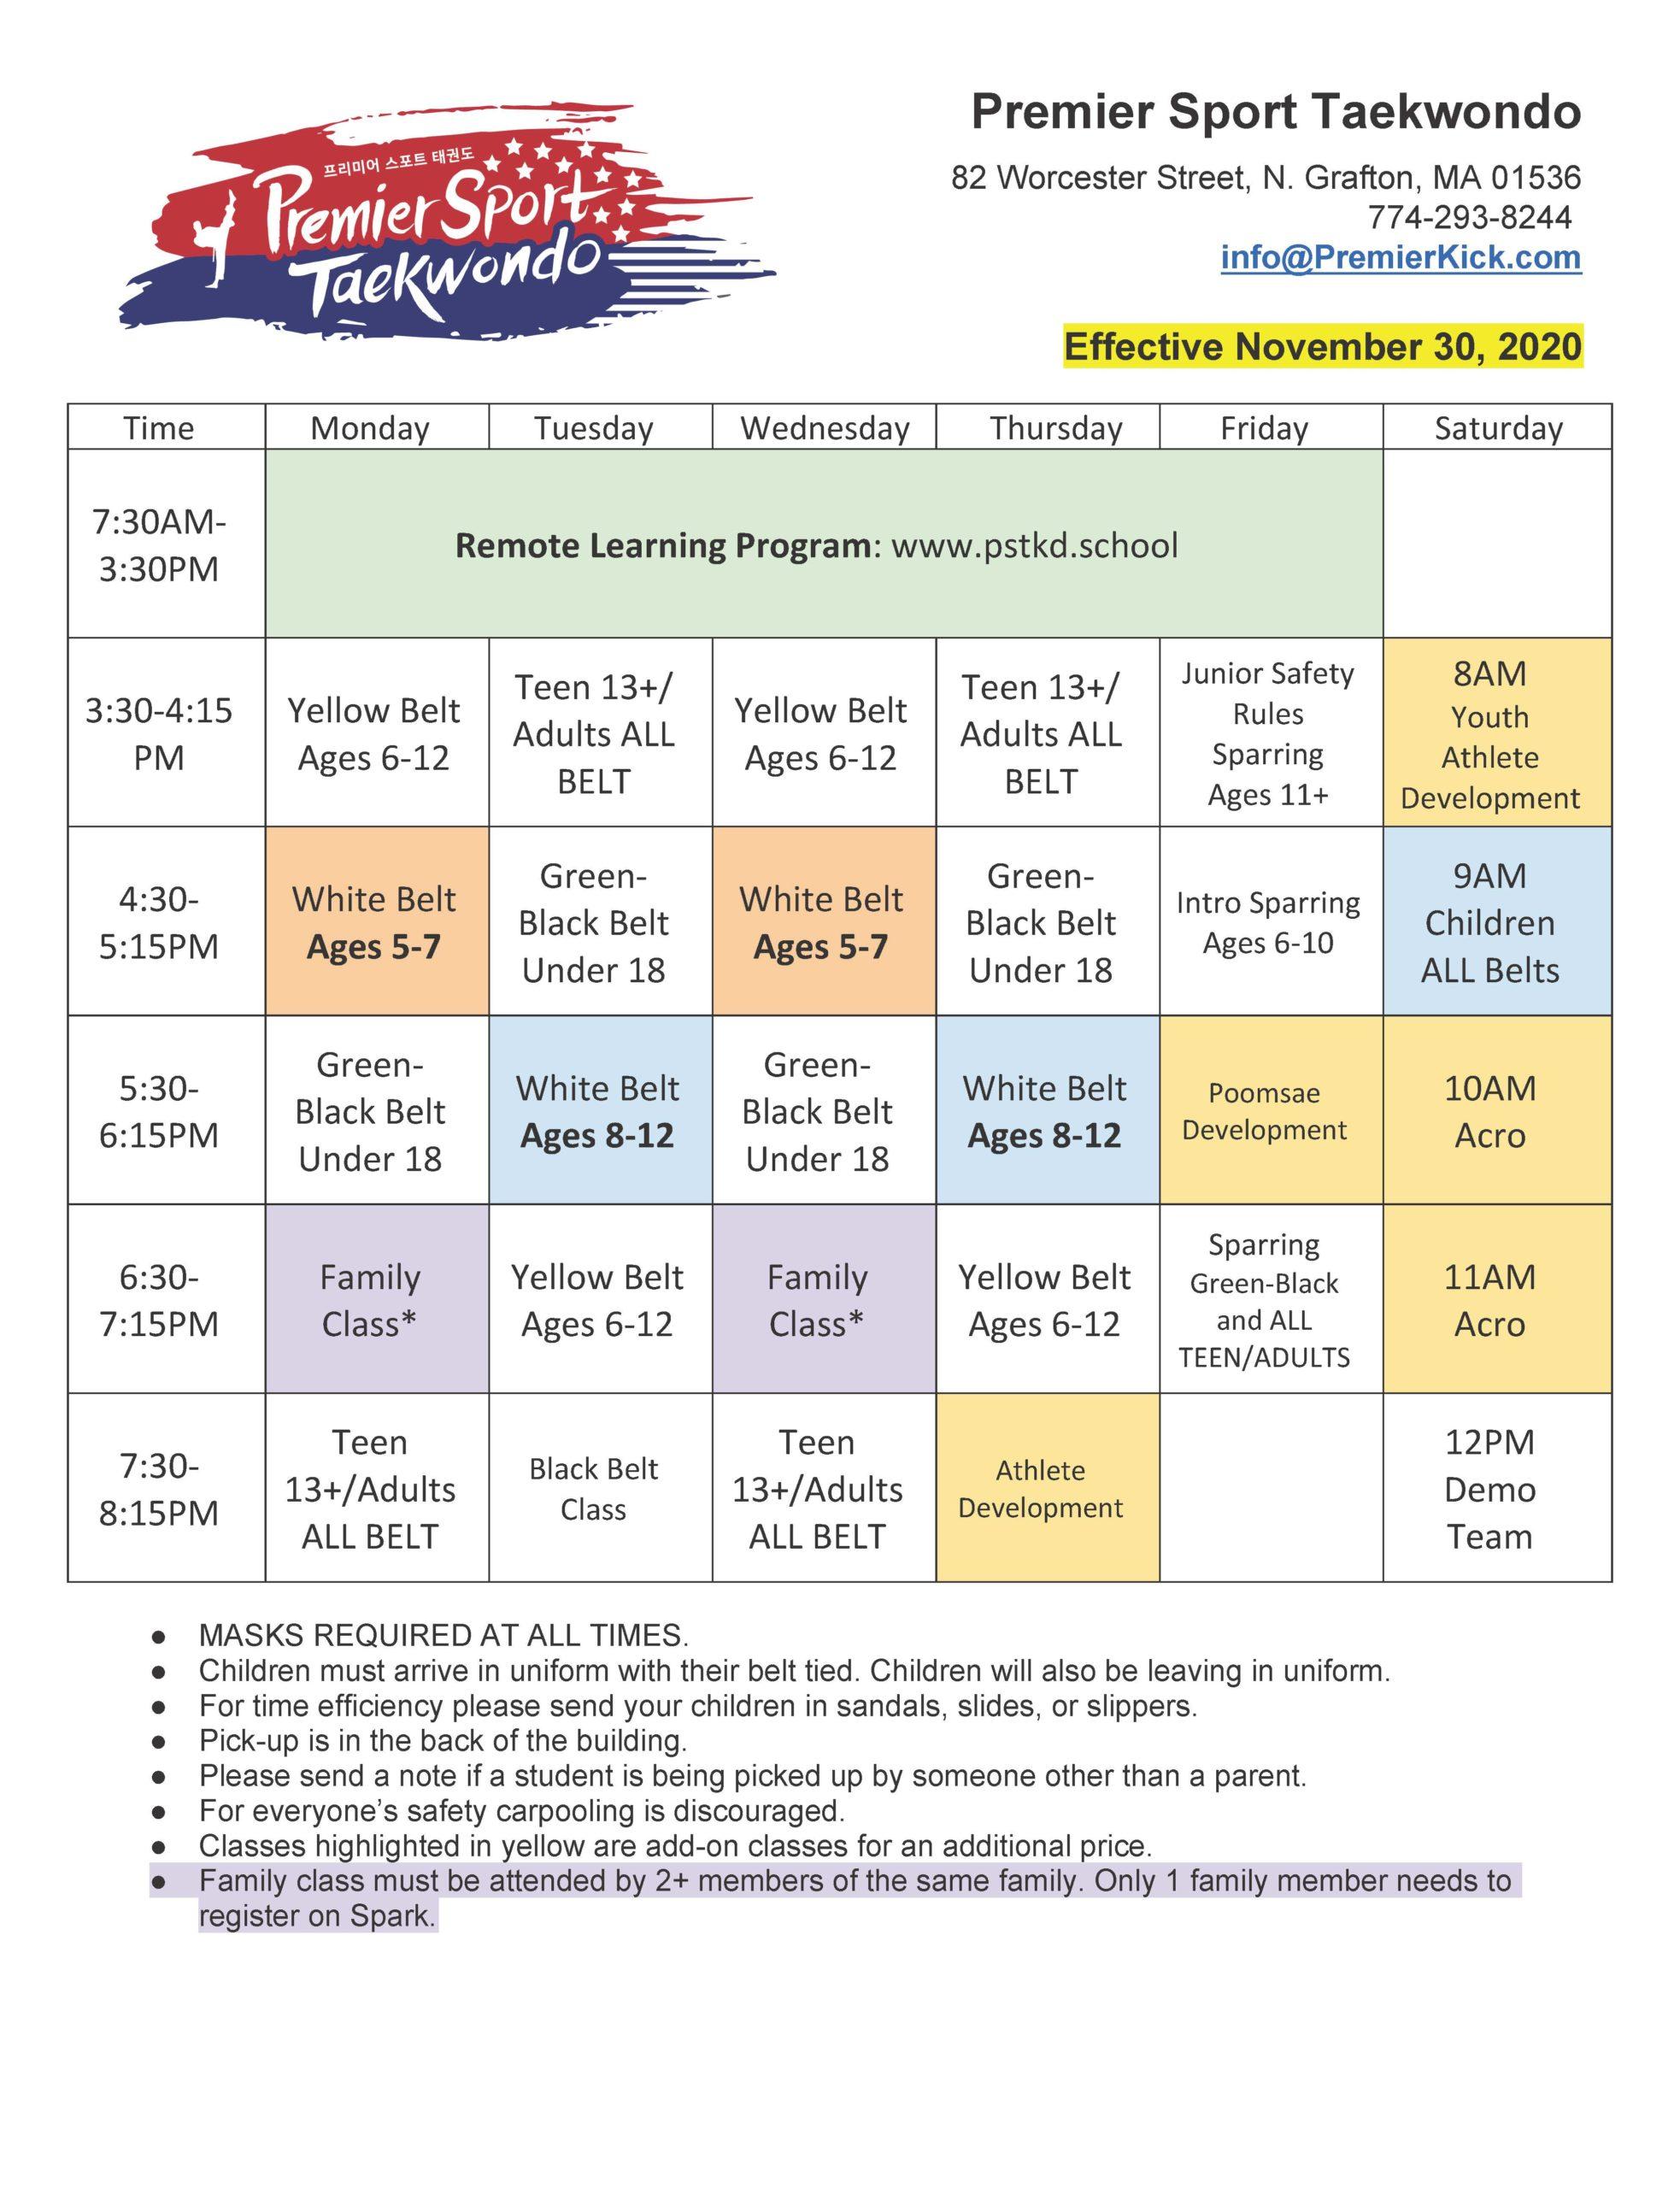 Premier Sport Taekwondo Schedule